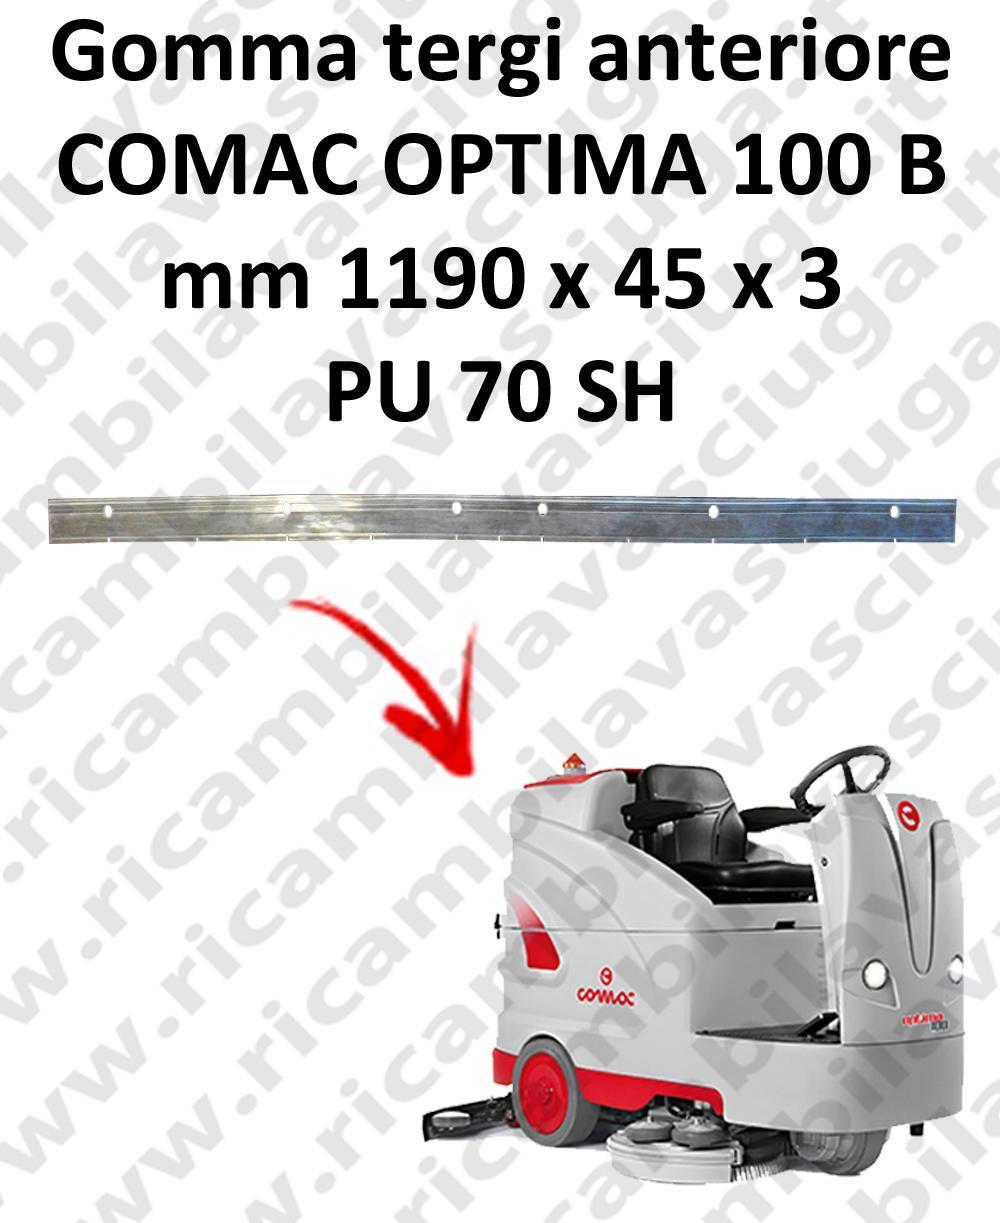 OPTIMA 100B BAVETTE AVANT pour autolaveuses COMAC